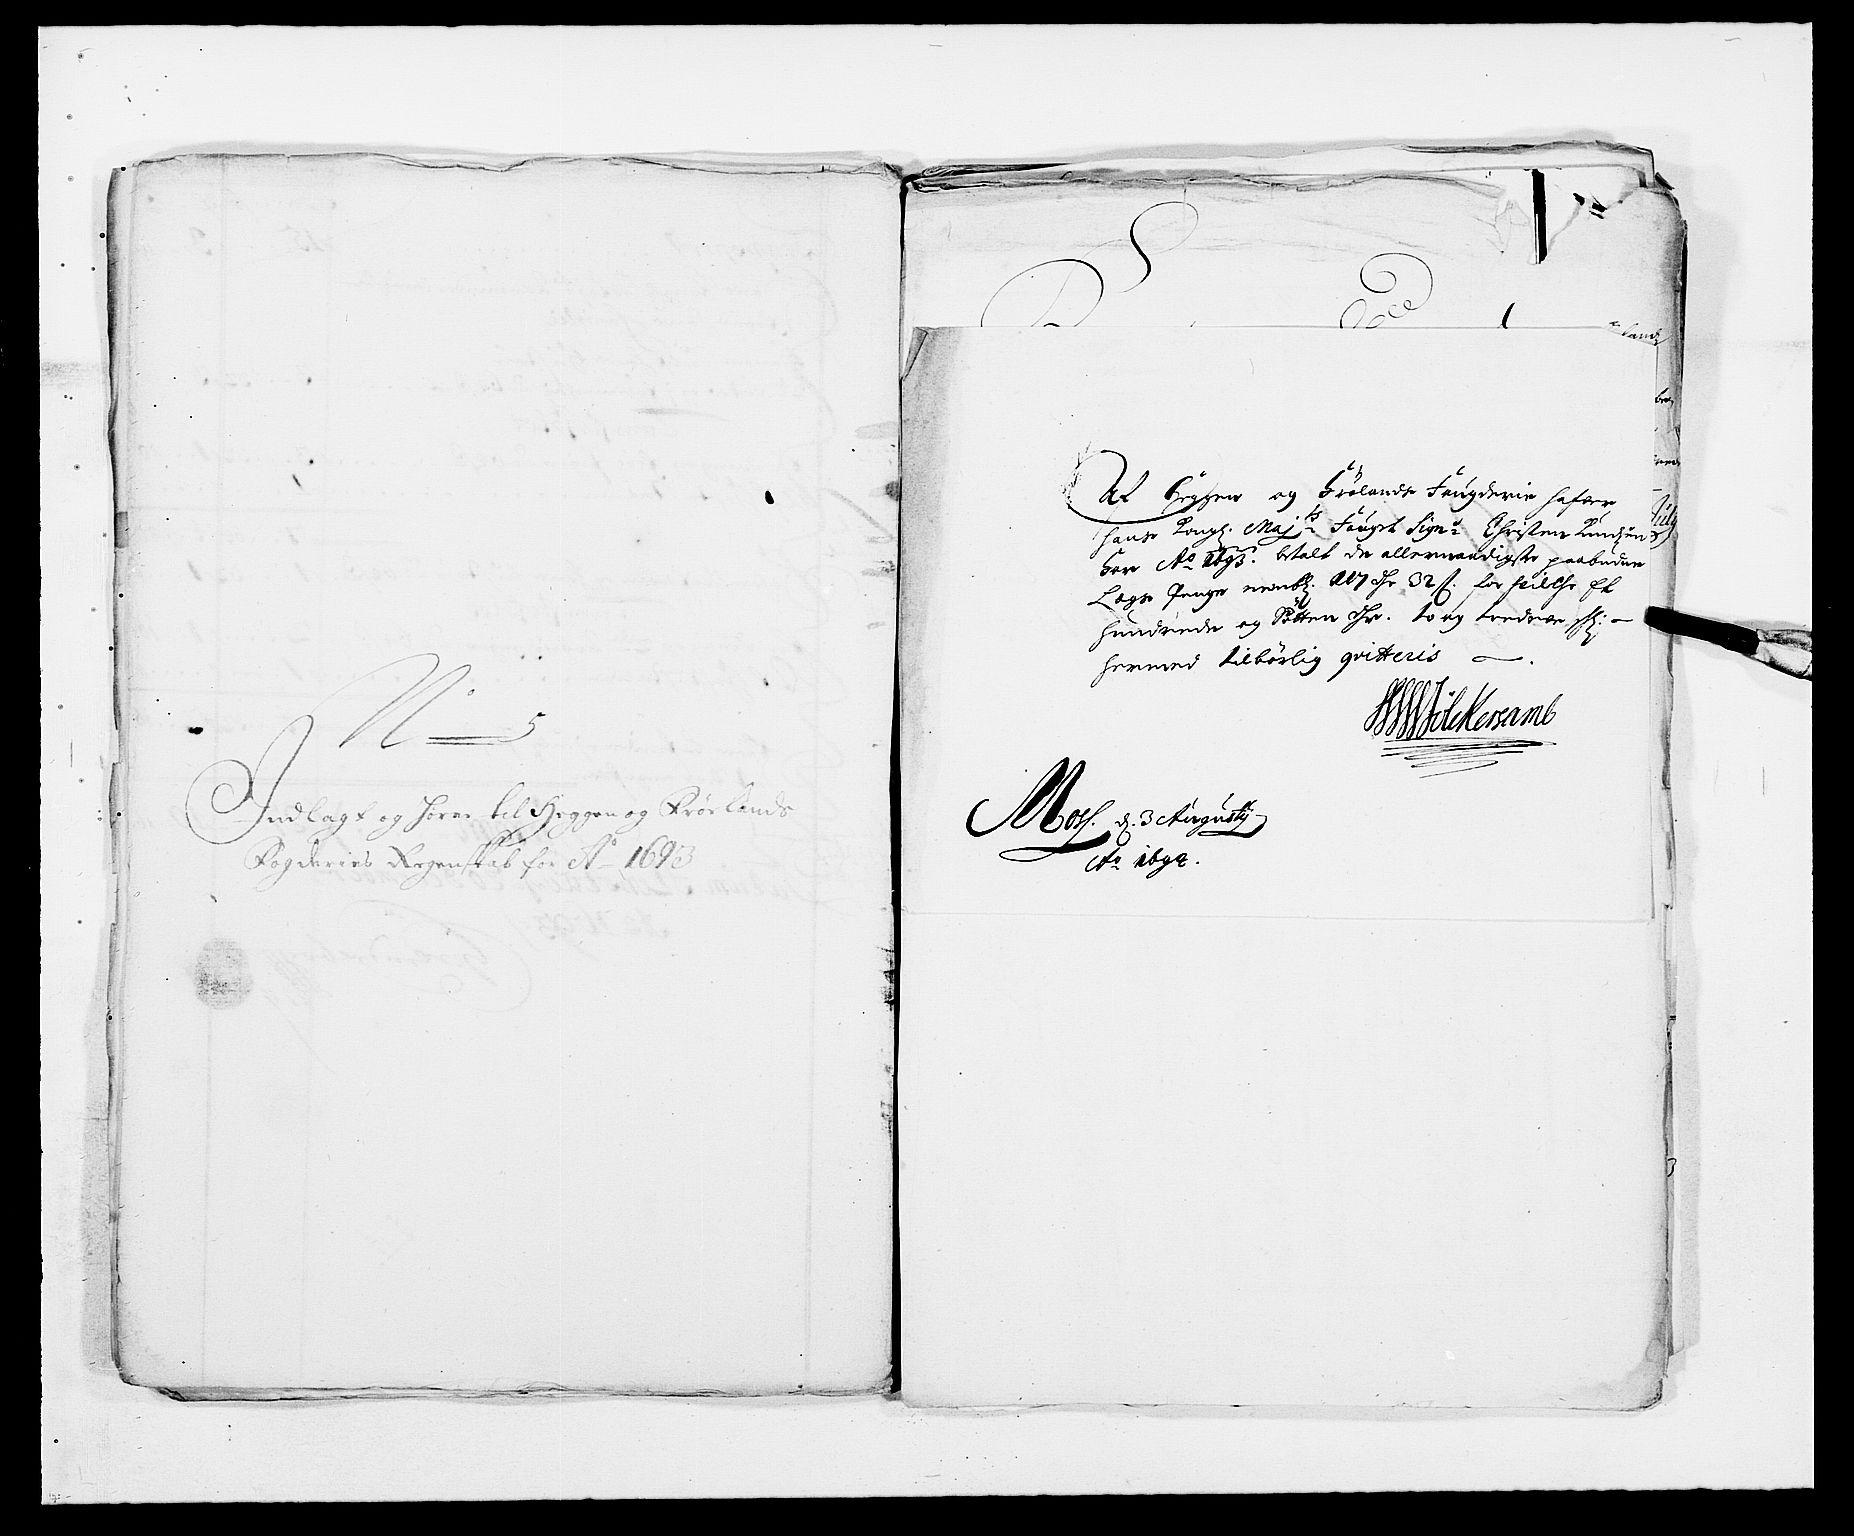 RA, Rentekammeret inntil 1814, Reviderte regnskaper, Fogderegnskap, R06/L0283: Fogderegnskap Heggen og Frøland, 1691-1693, s. 406